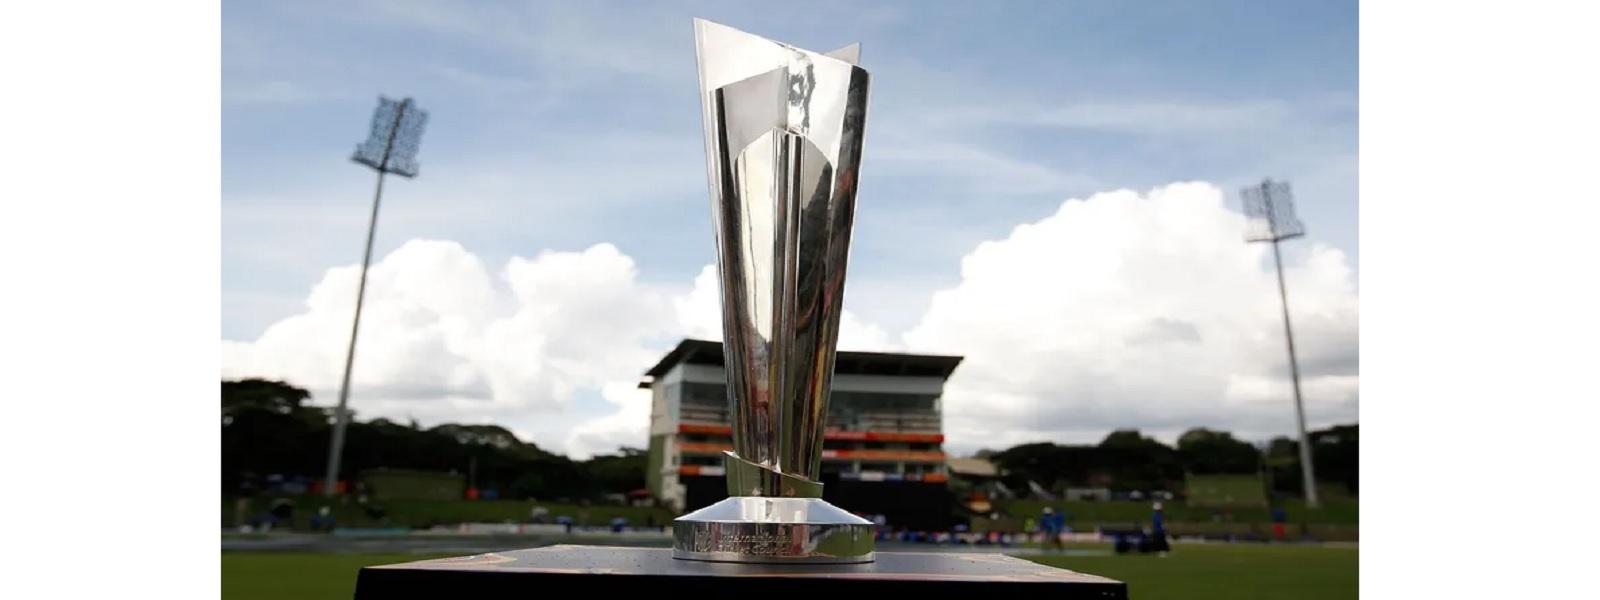 சர்வதேச T20 உலகக்கிண்ண கிரிக்கெட்: போட்டி அட்டவணை வௌியீடு